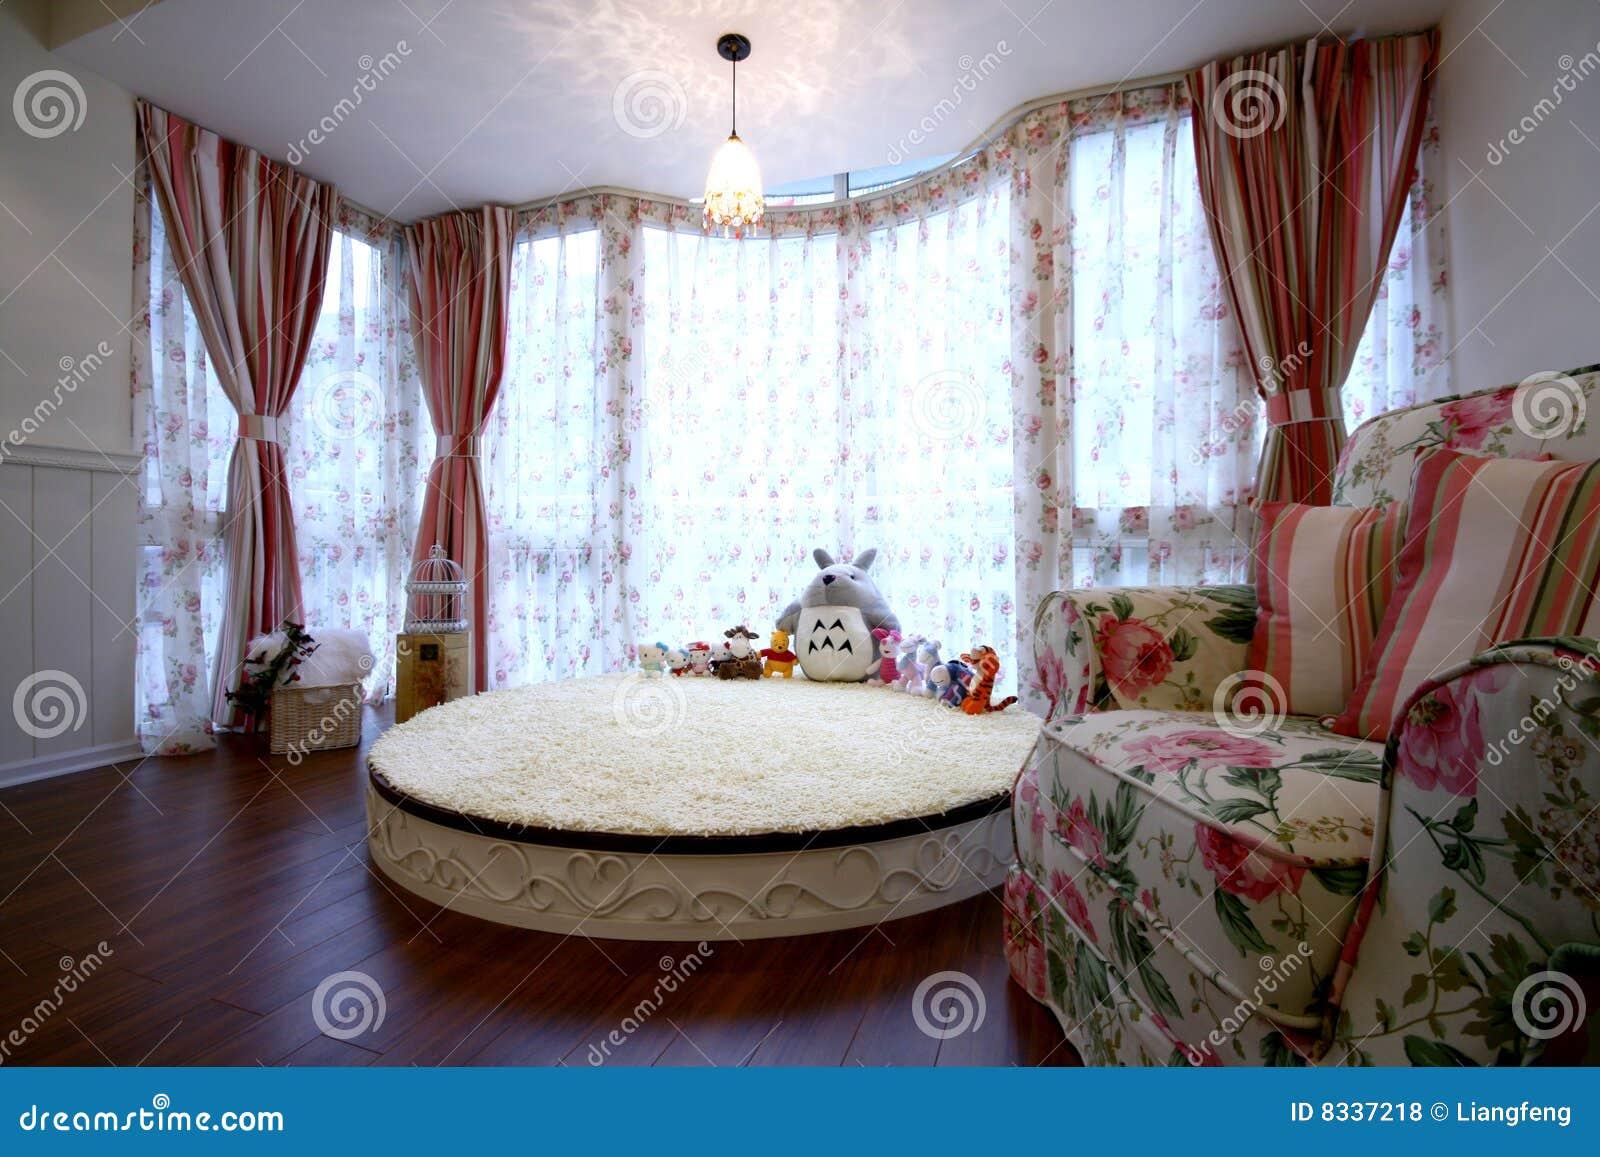 gewone huisdecoratie royalty vrije stock foto 39 s afbeelding 8337218